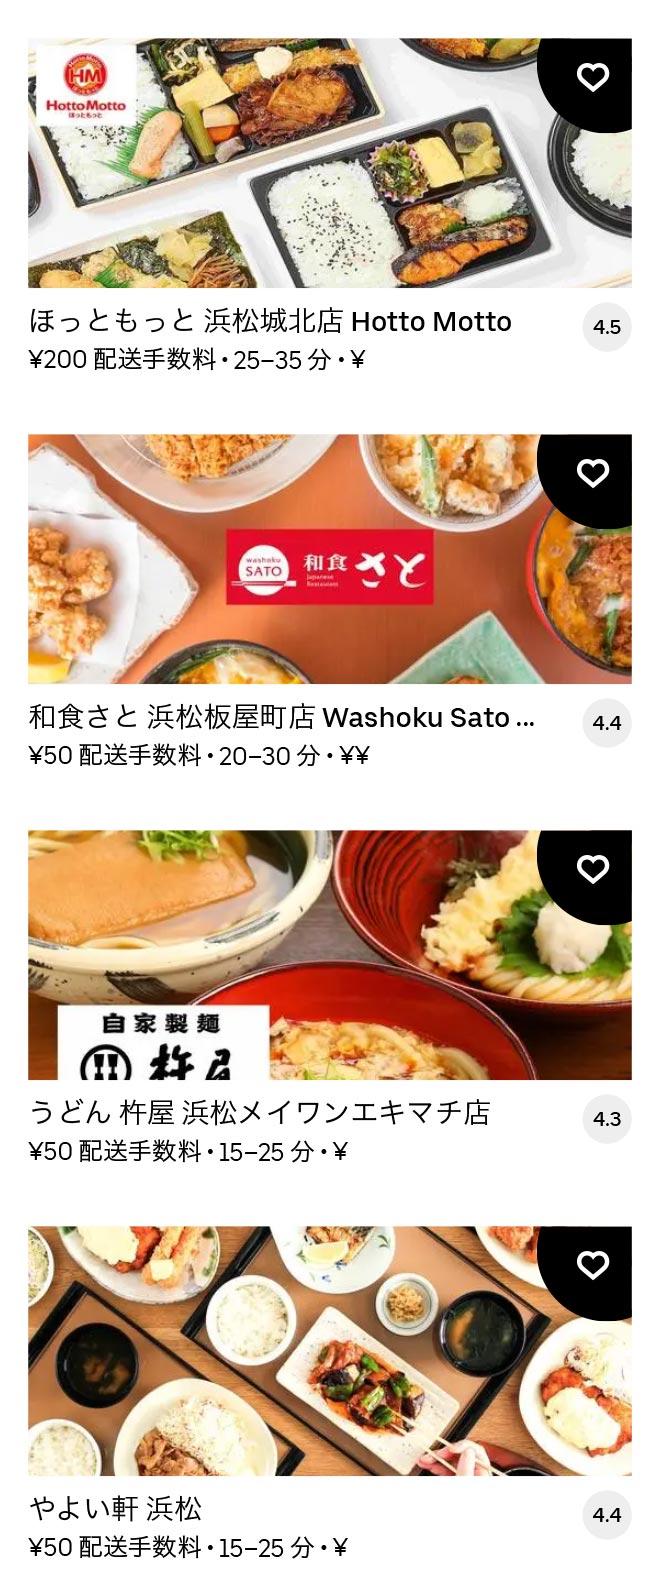 Hamamatsu menu 2011 07